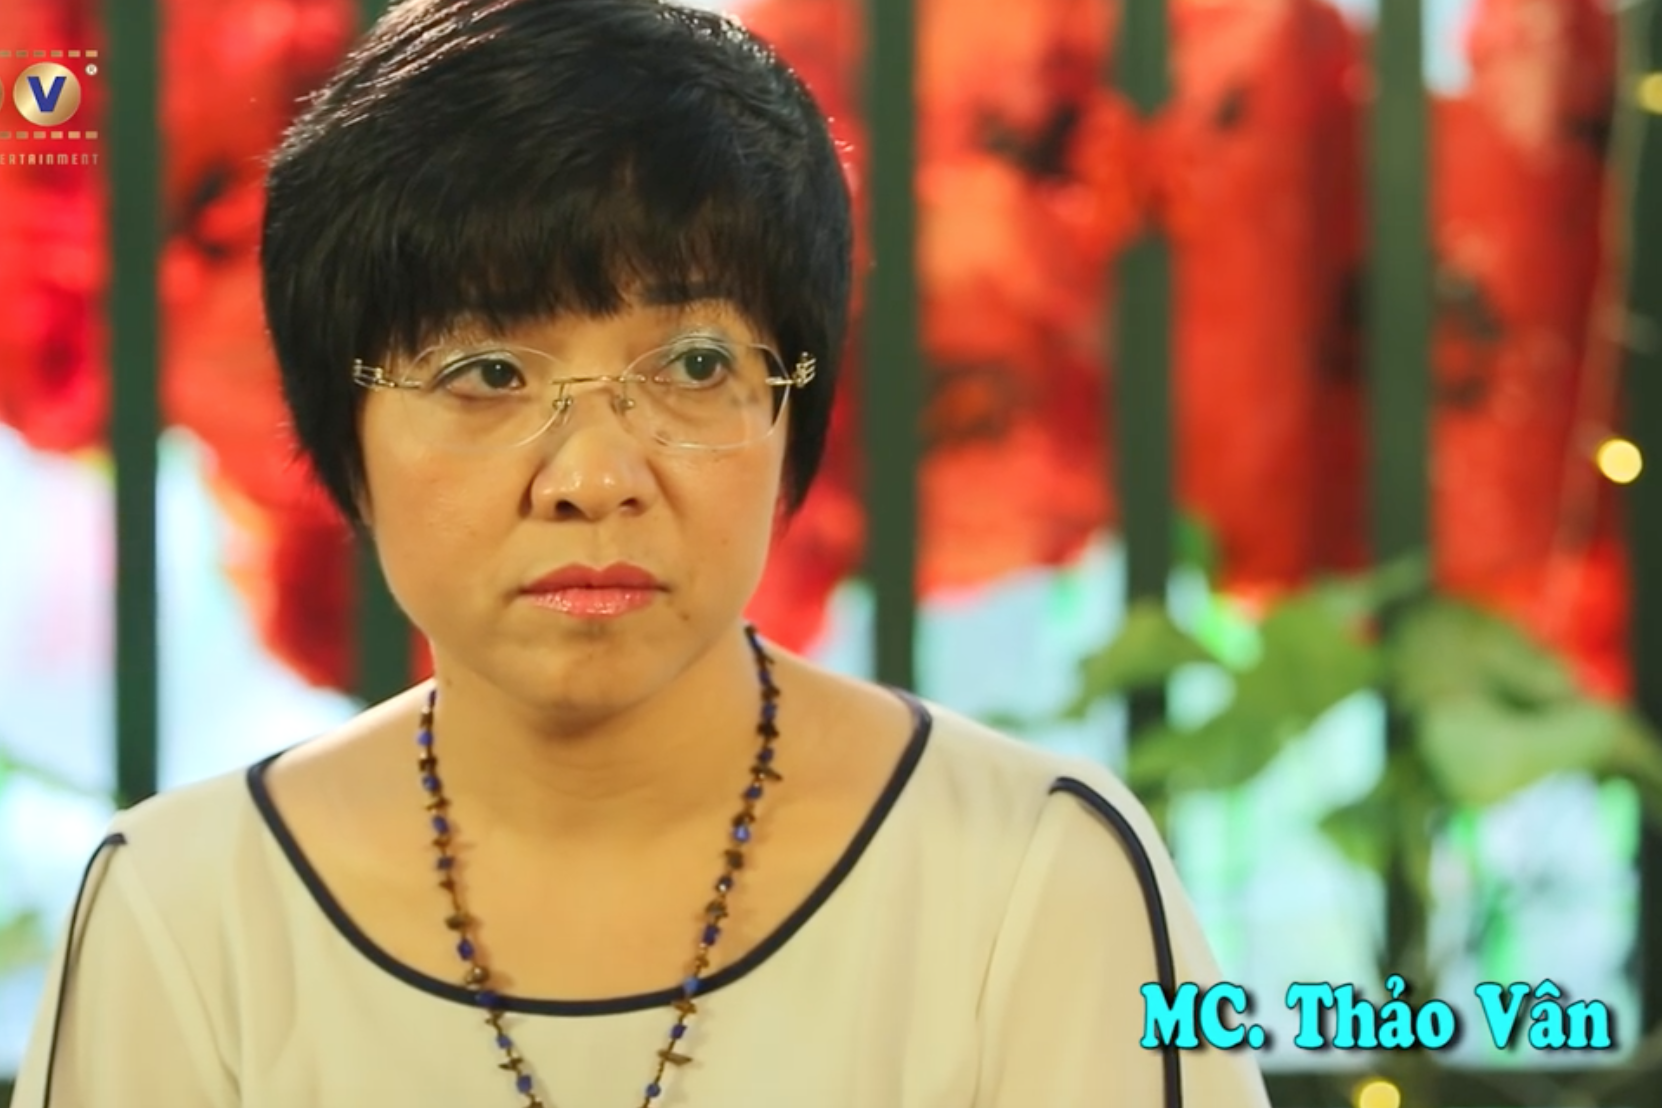 Dàn BTV, MC xinh đẹp của VTV ấn tượng khi đóng phim